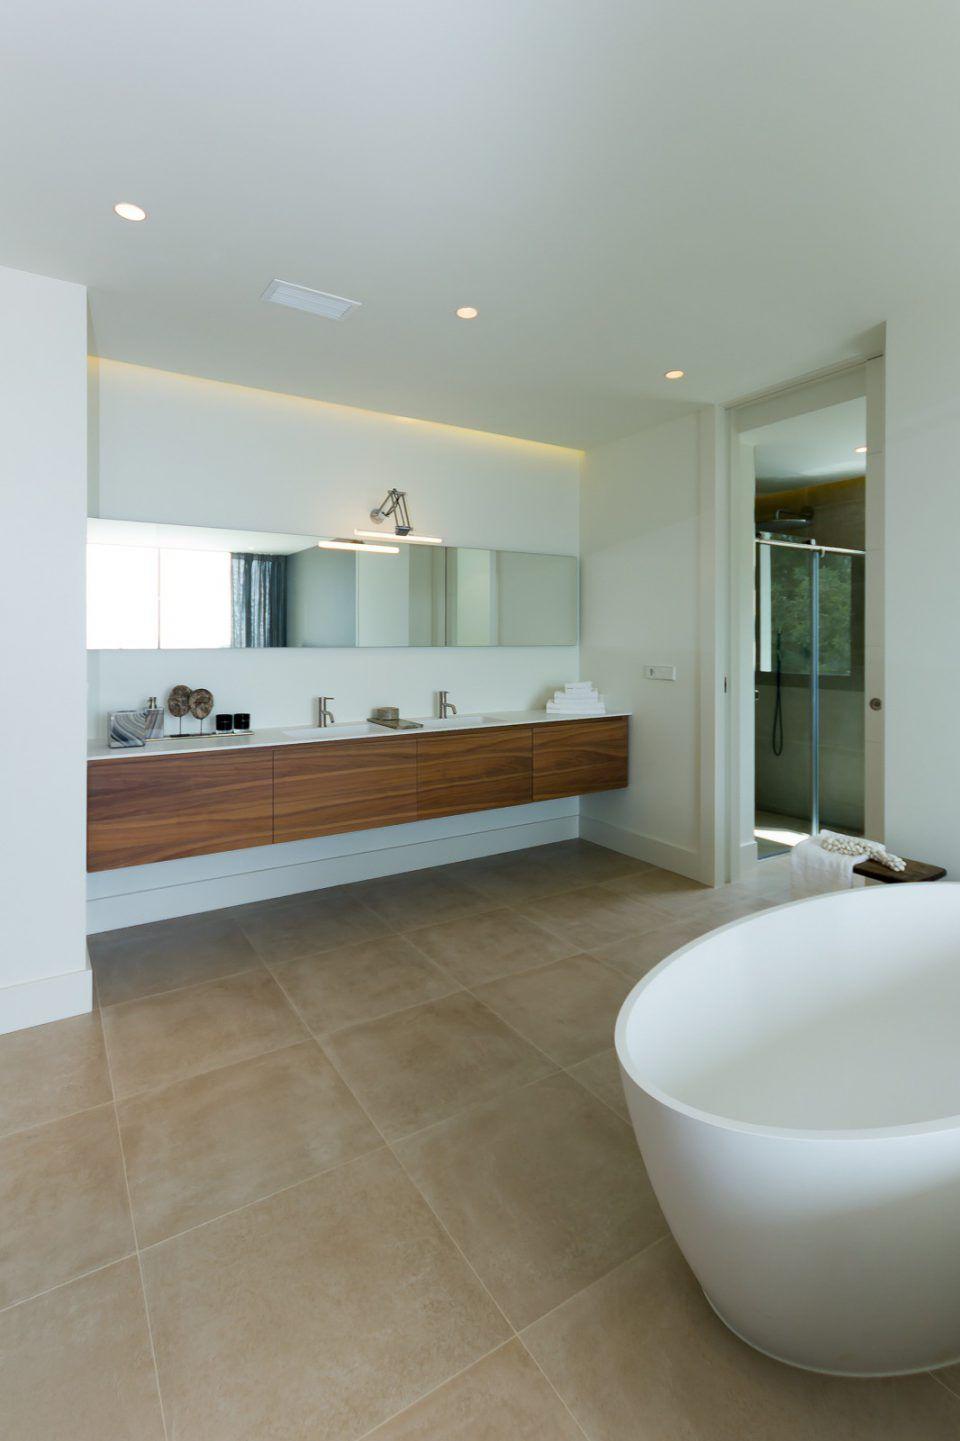 Badkamer inrichting met houten badkamermeubel en ronde badkuip ...